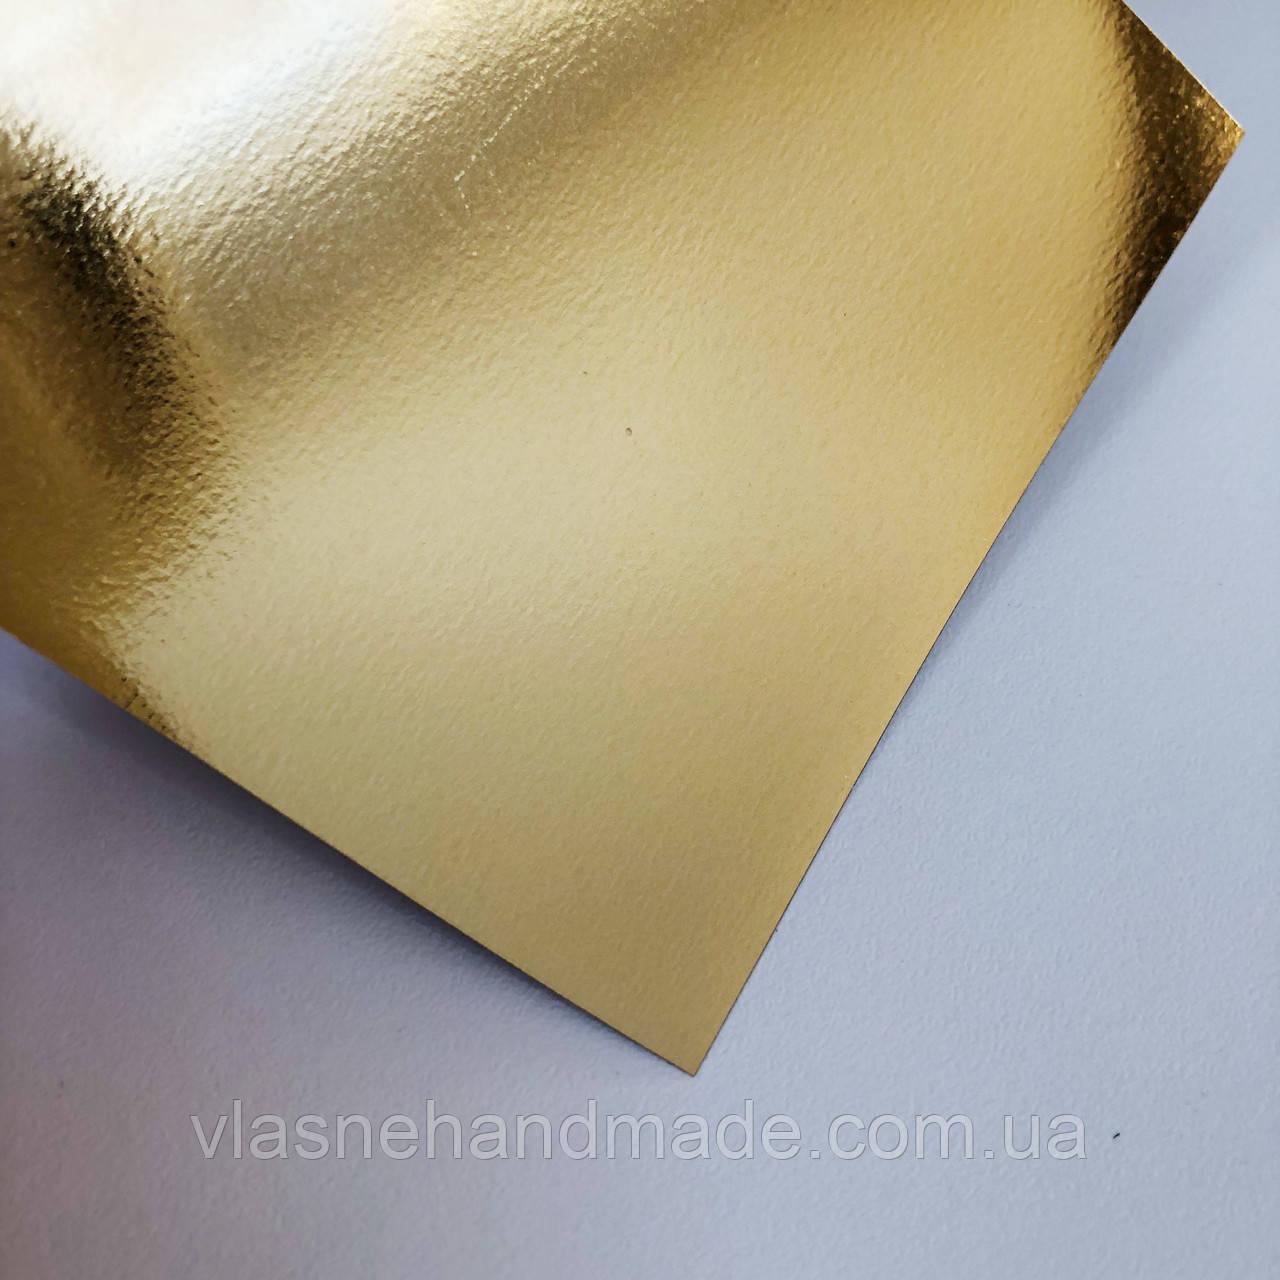 Термотрансферна плівка - Foil (не дзеркальна)- золото - 10х25 см